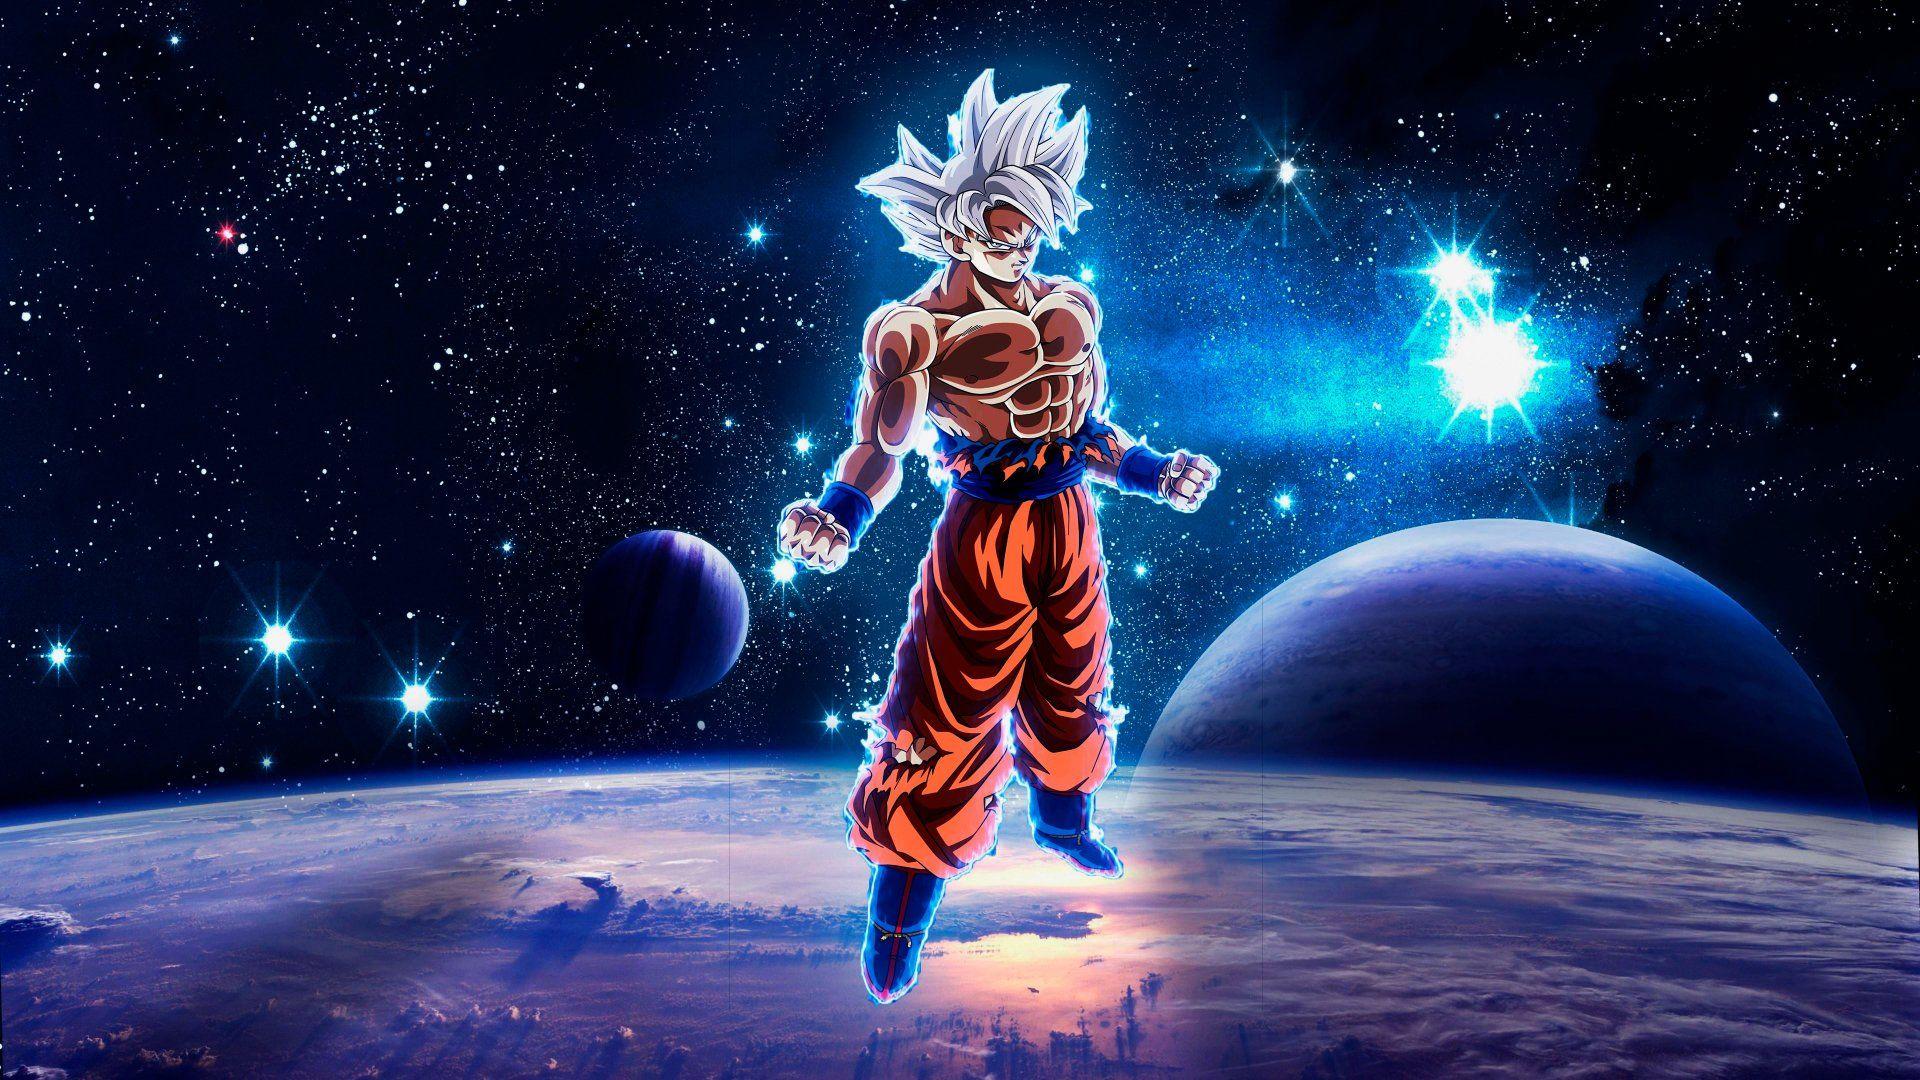 Goku Wallpaper 4K High Definition